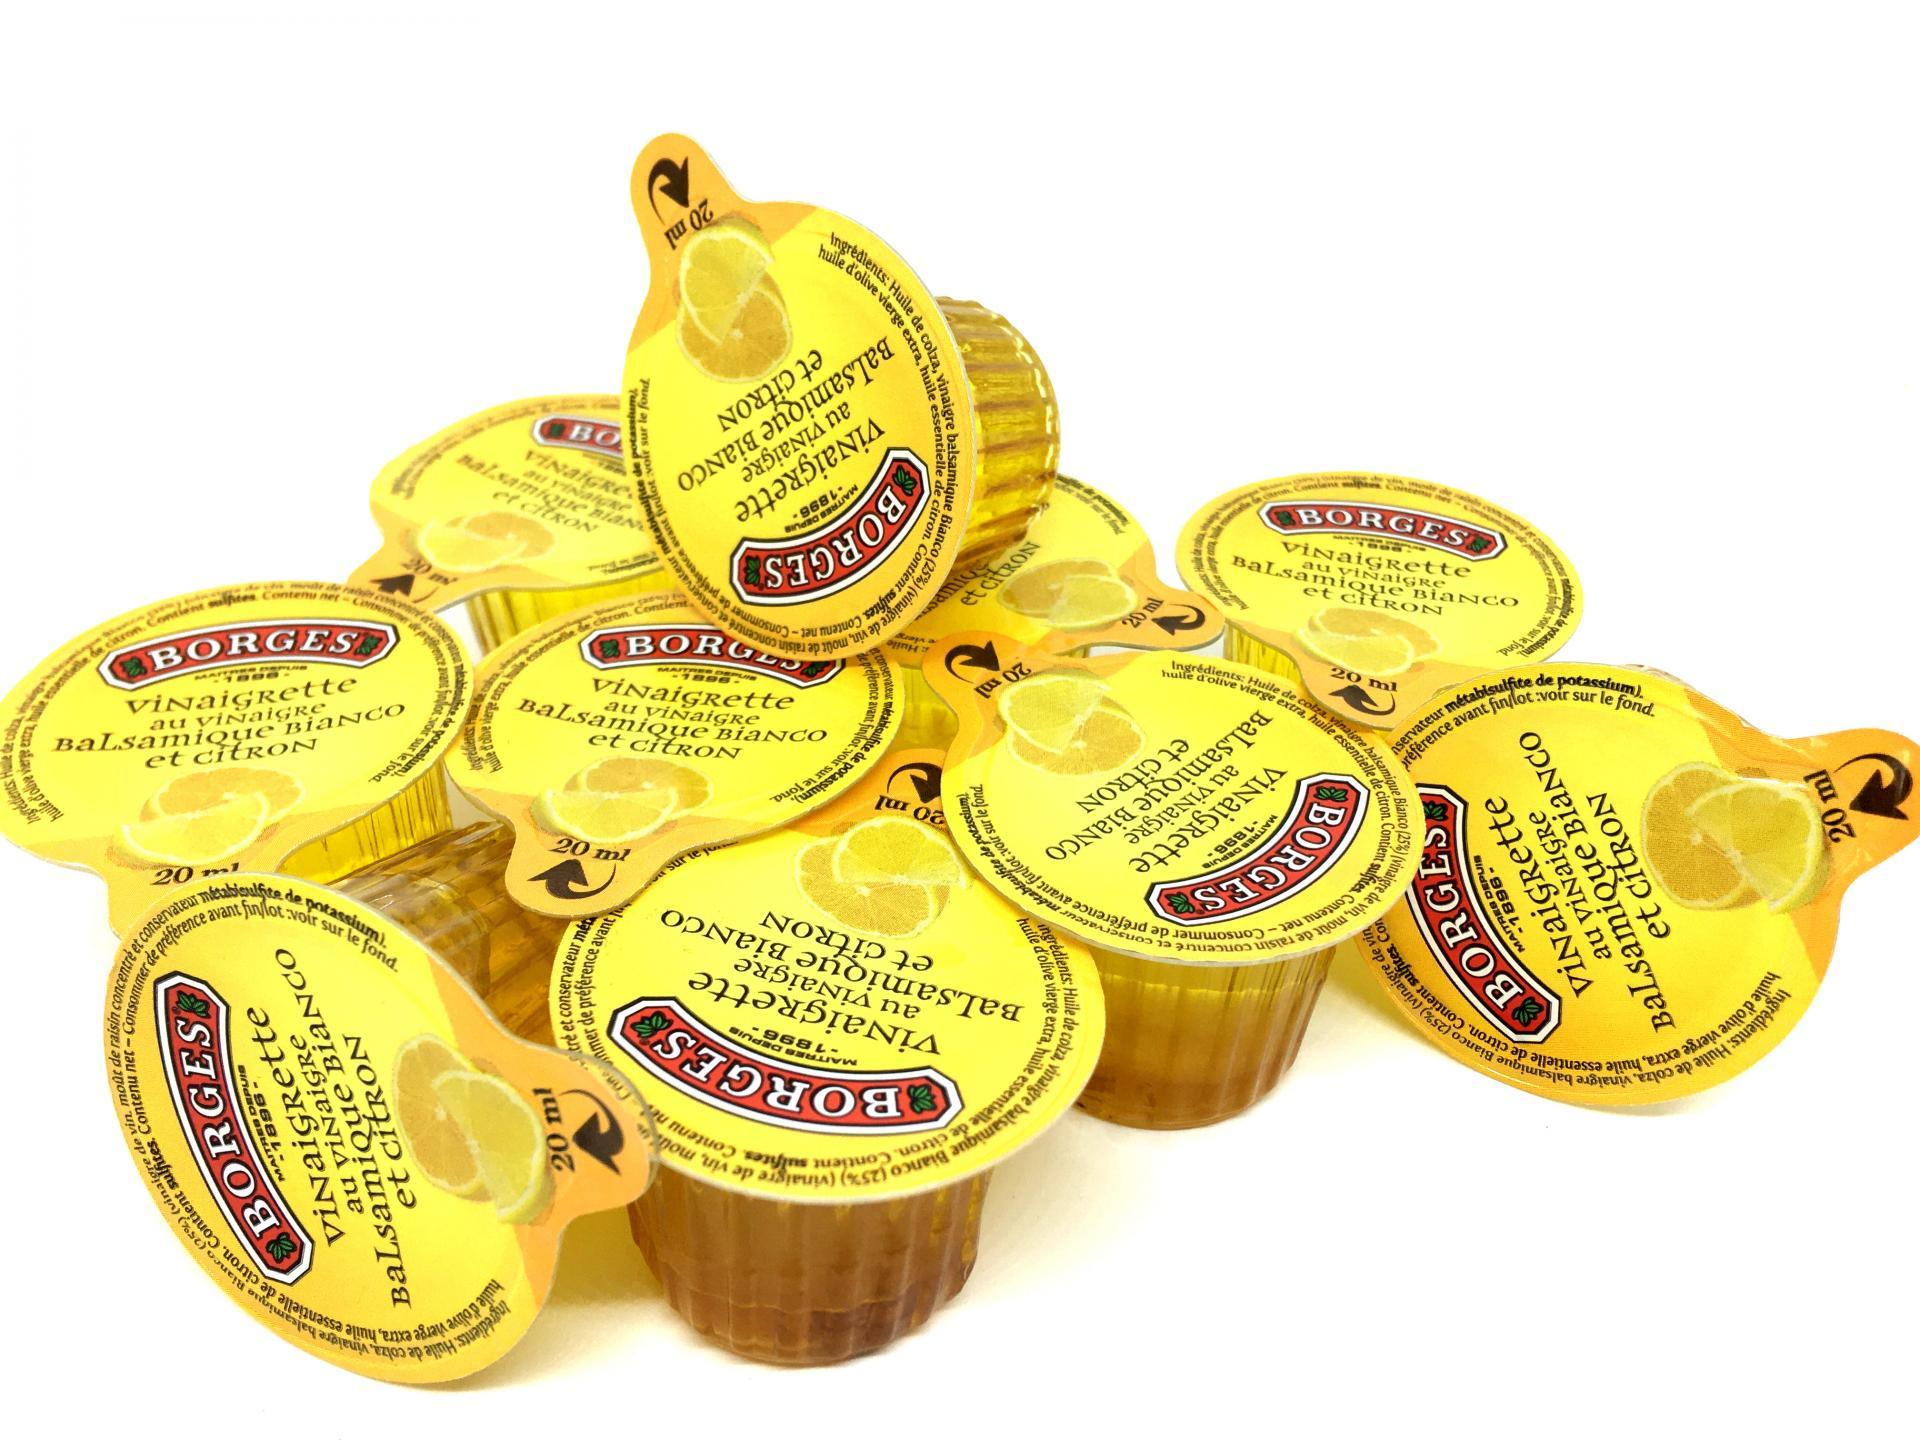 Vinaigrette huile d olive vinaigre balsamique citron 20 ml borges le lot de 10